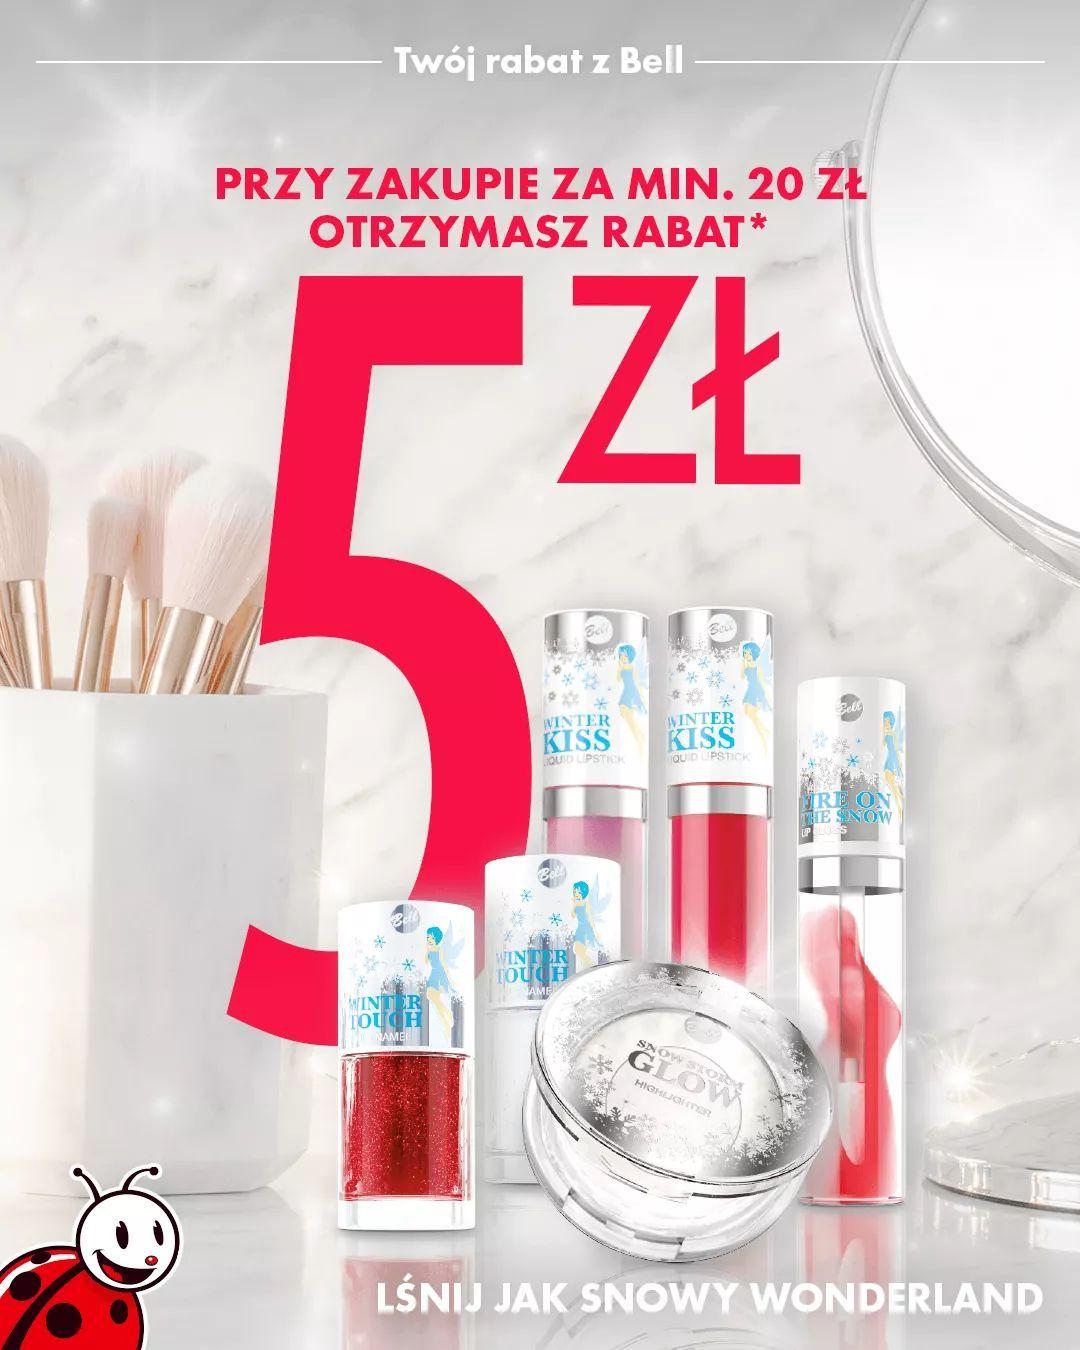 Odbierz 5 zł rabatu kupując kosmetyki firmy Snowy Wonderland. Biedronka